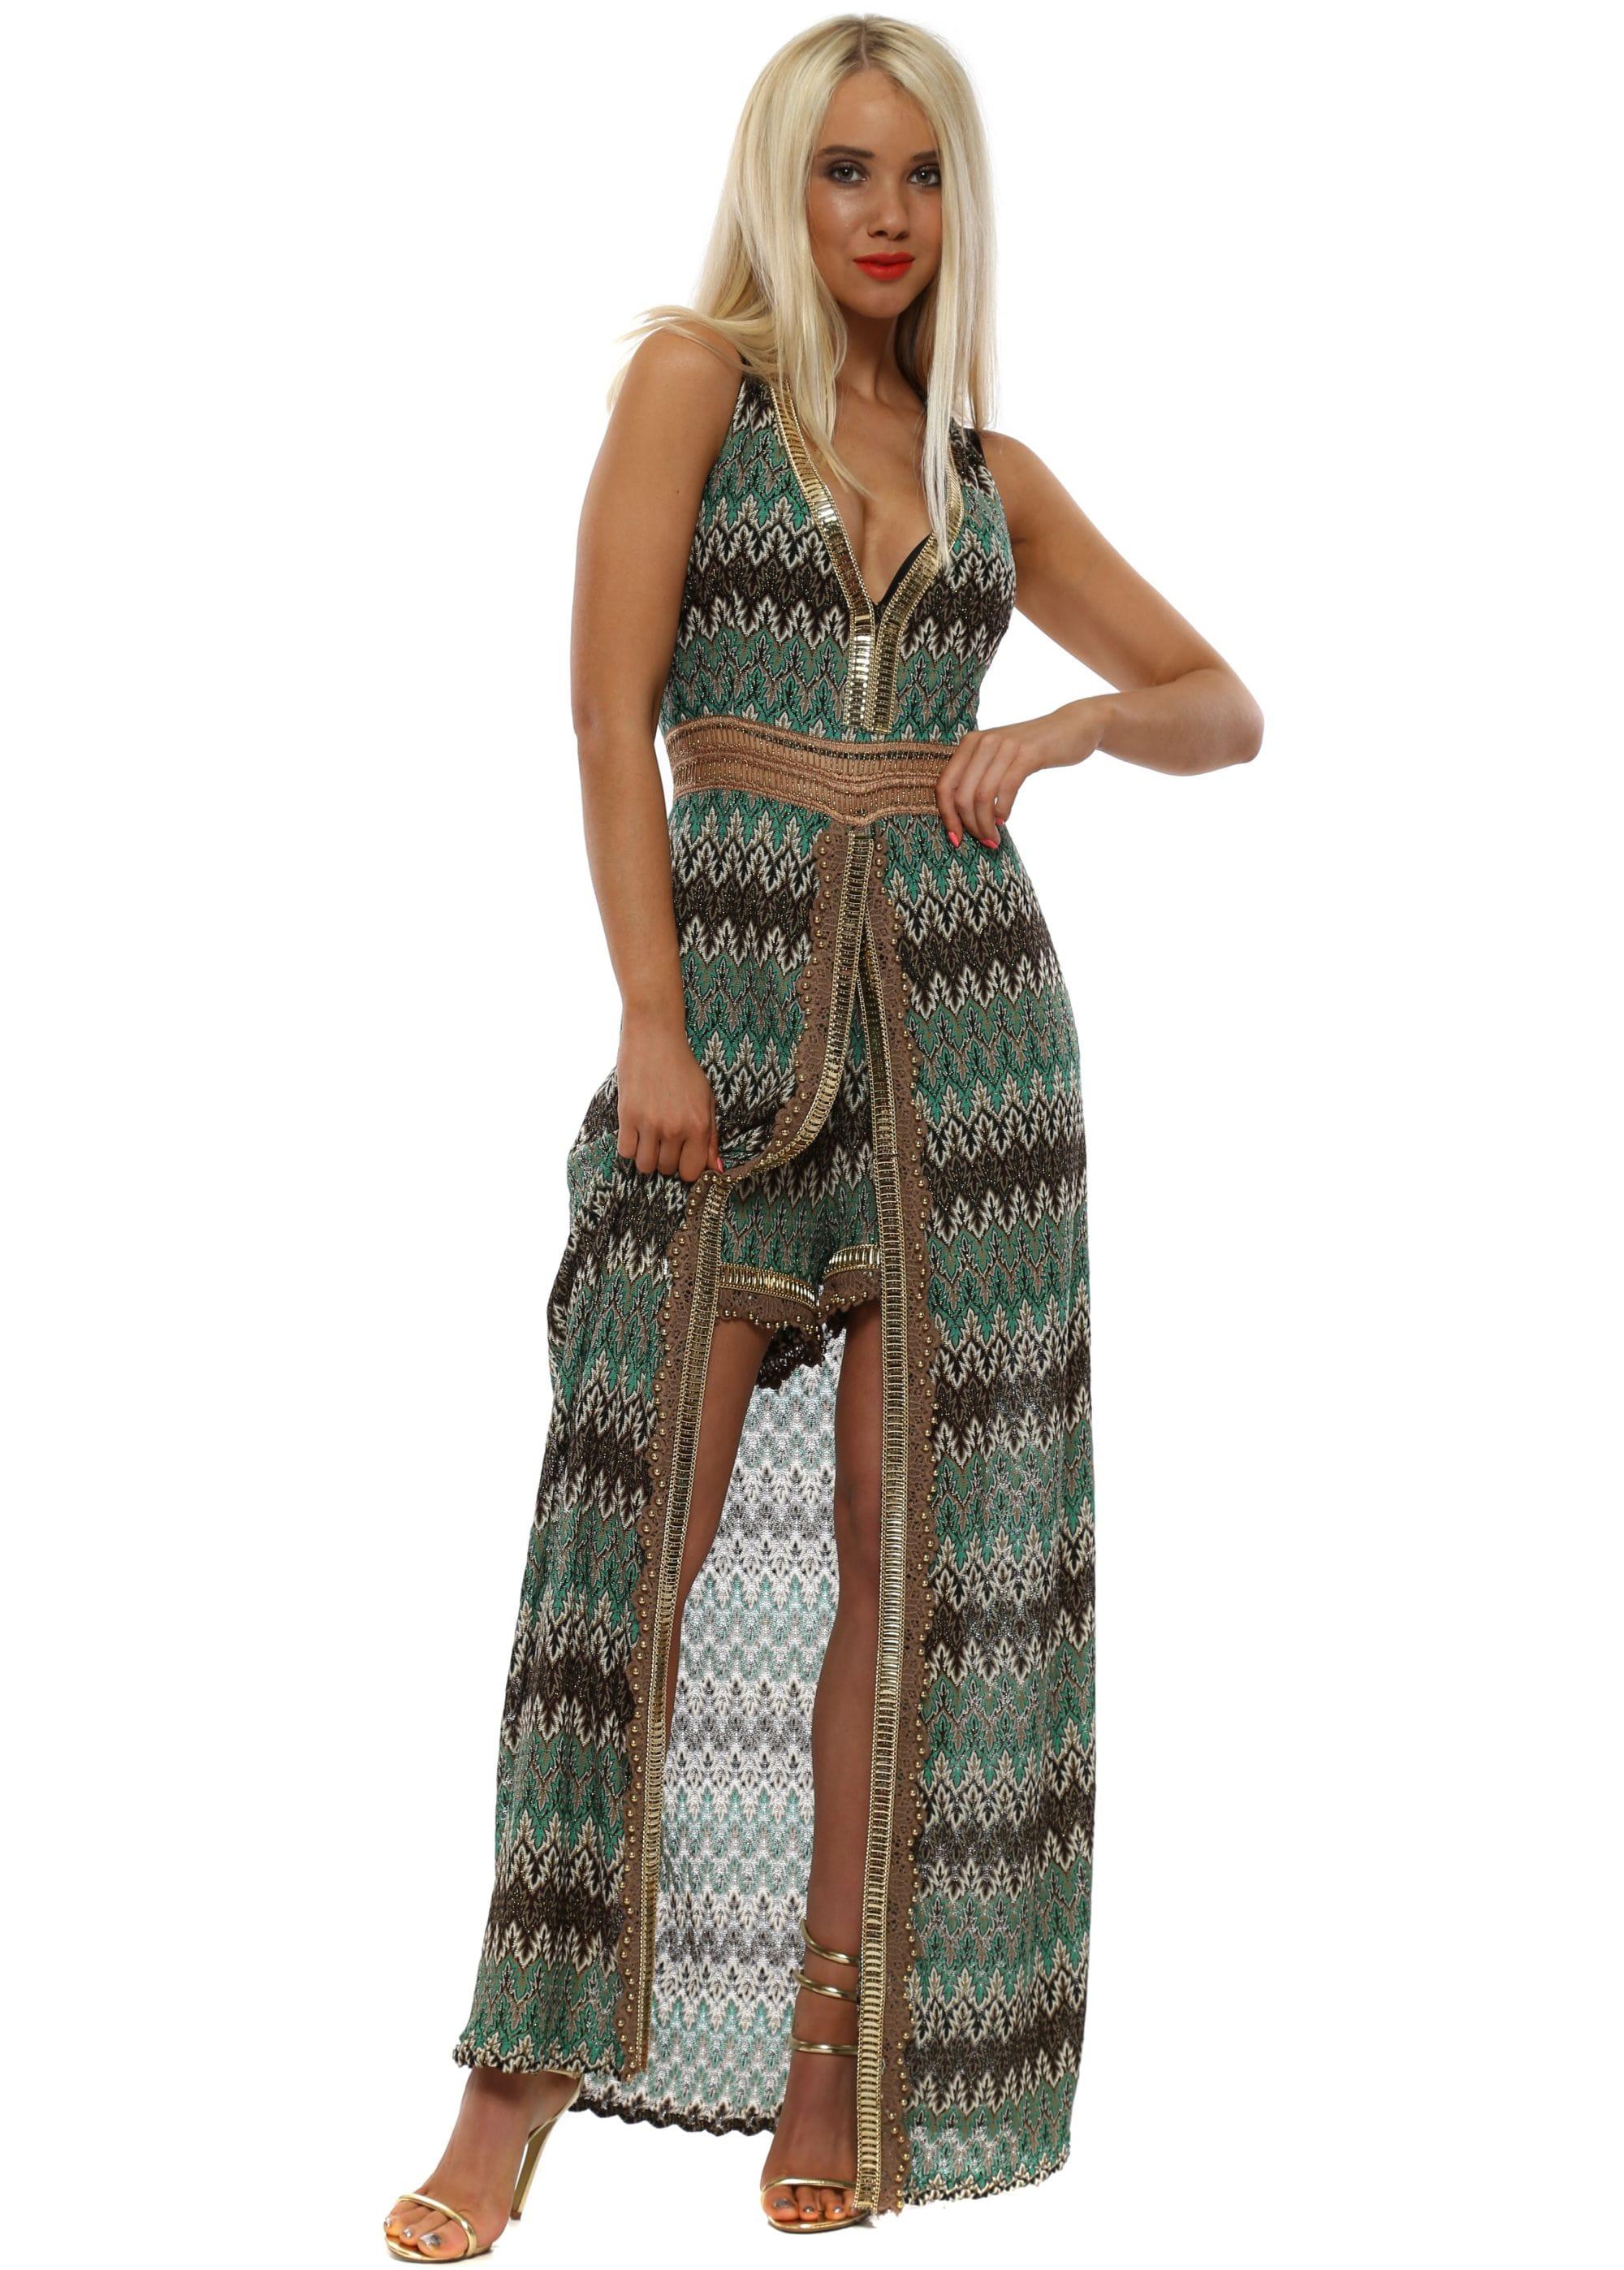 8cba616f31 Green Missi Print Maxi Dress With Shorts